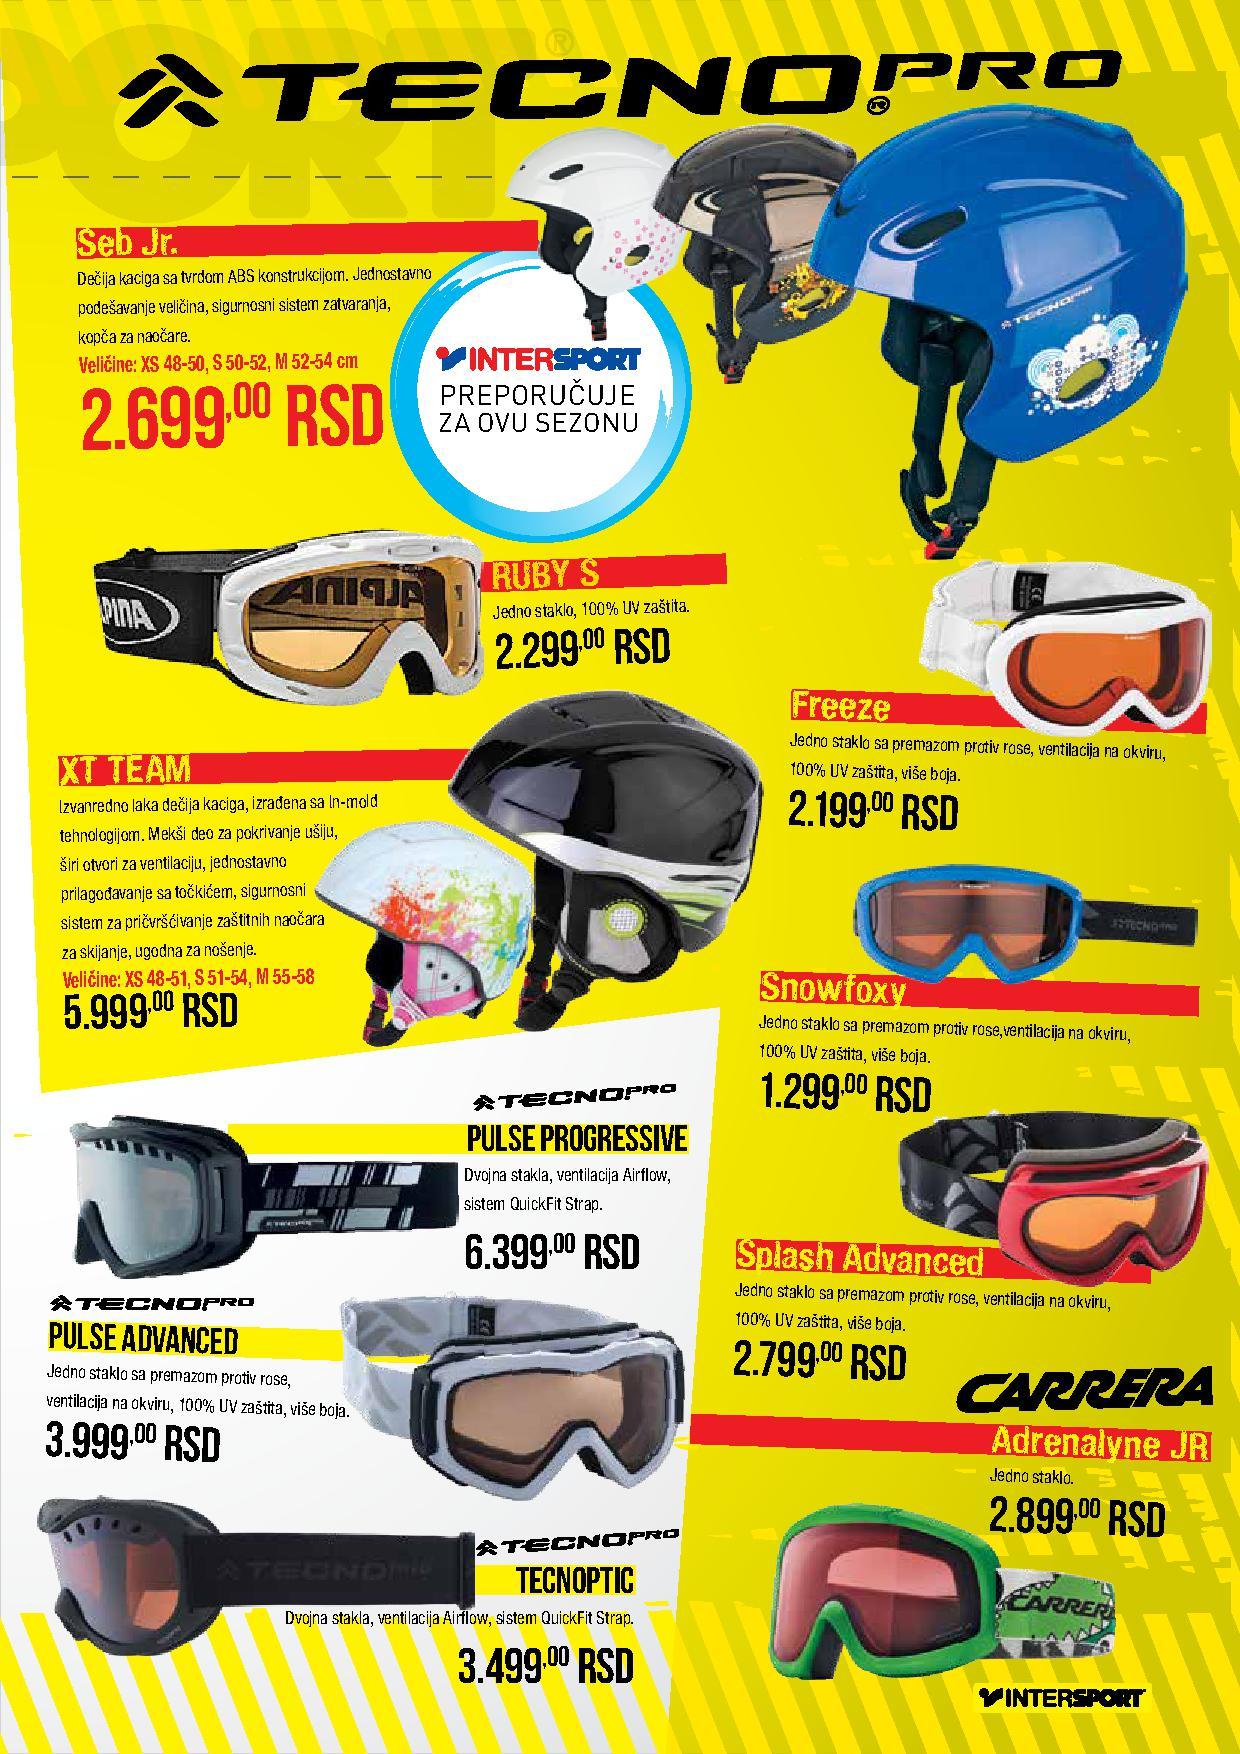 Intersport katalog zimske opreme